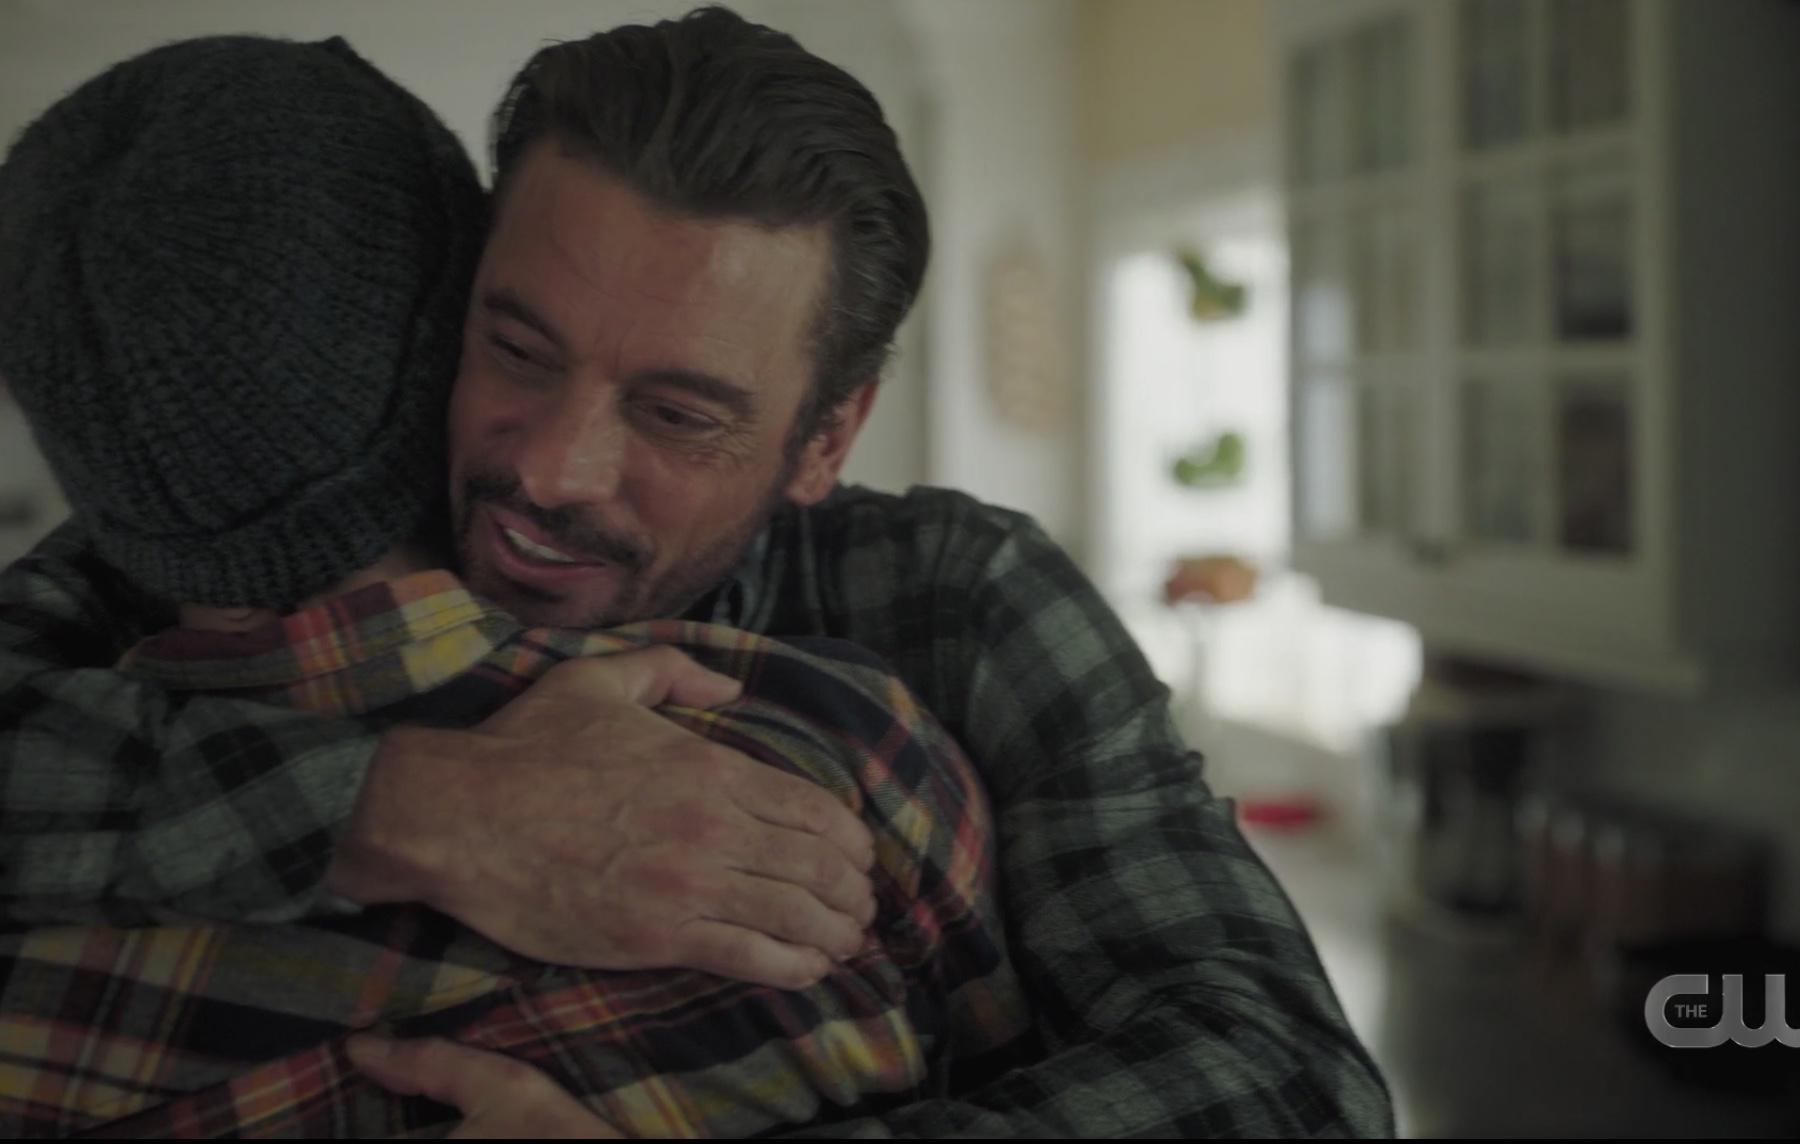 Skeet hugs his boy on Riverdale